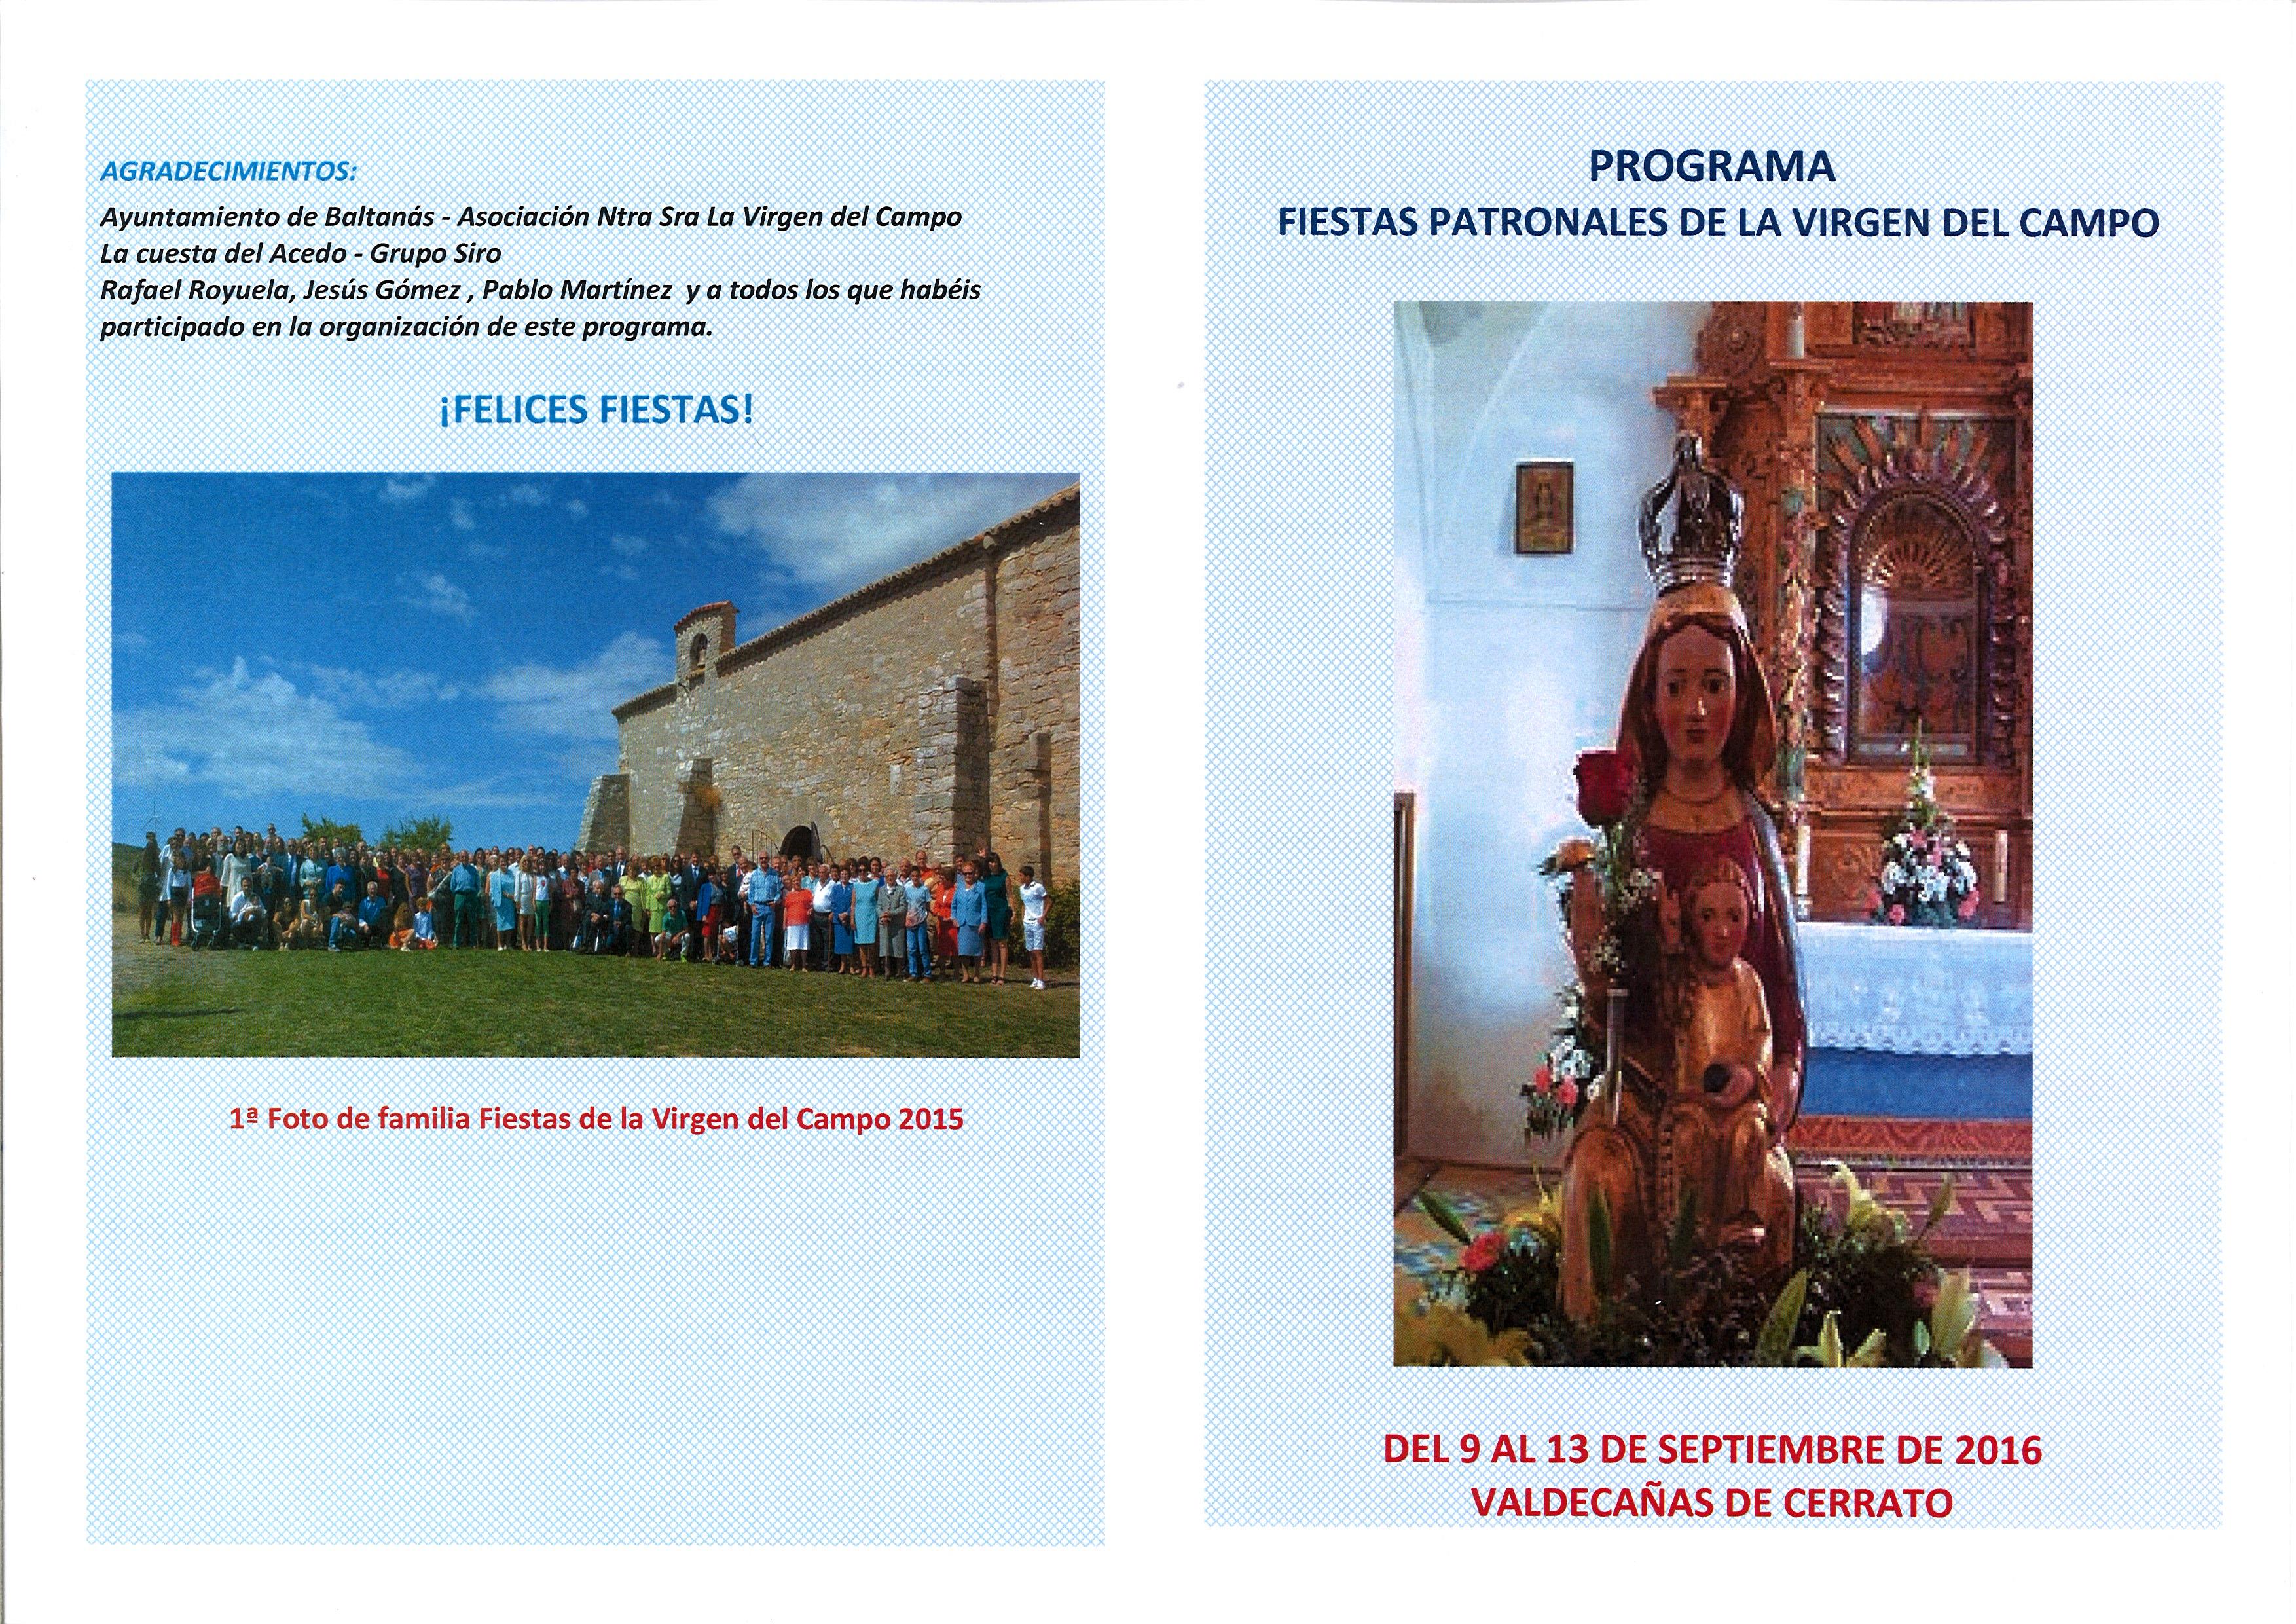 Programa Fiestas Patronales de la Virgen del Campo de Valdecañas de Cerrato